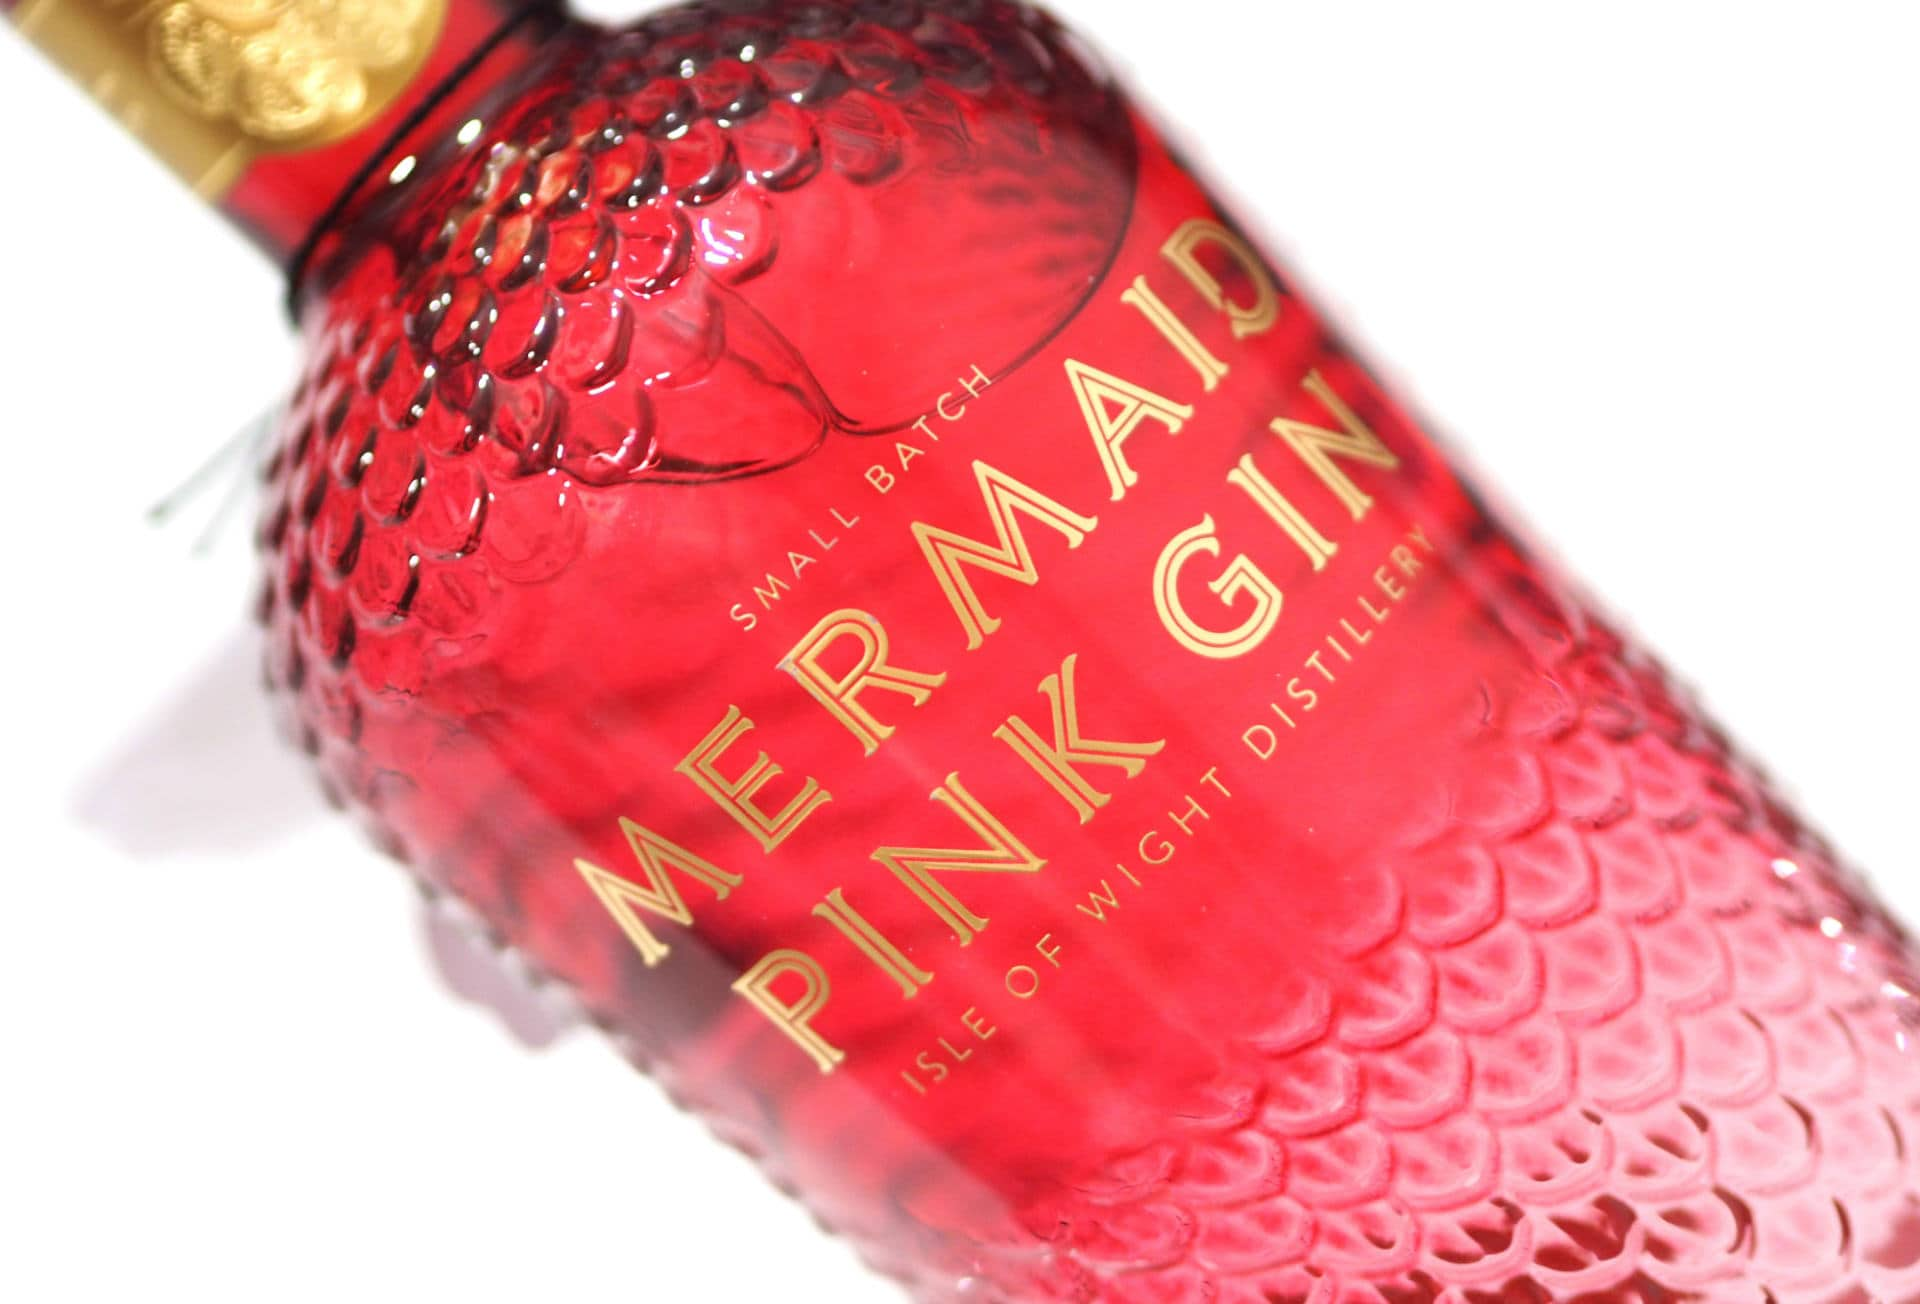 Isle of Wight Distillery Mermaid Pink Gin